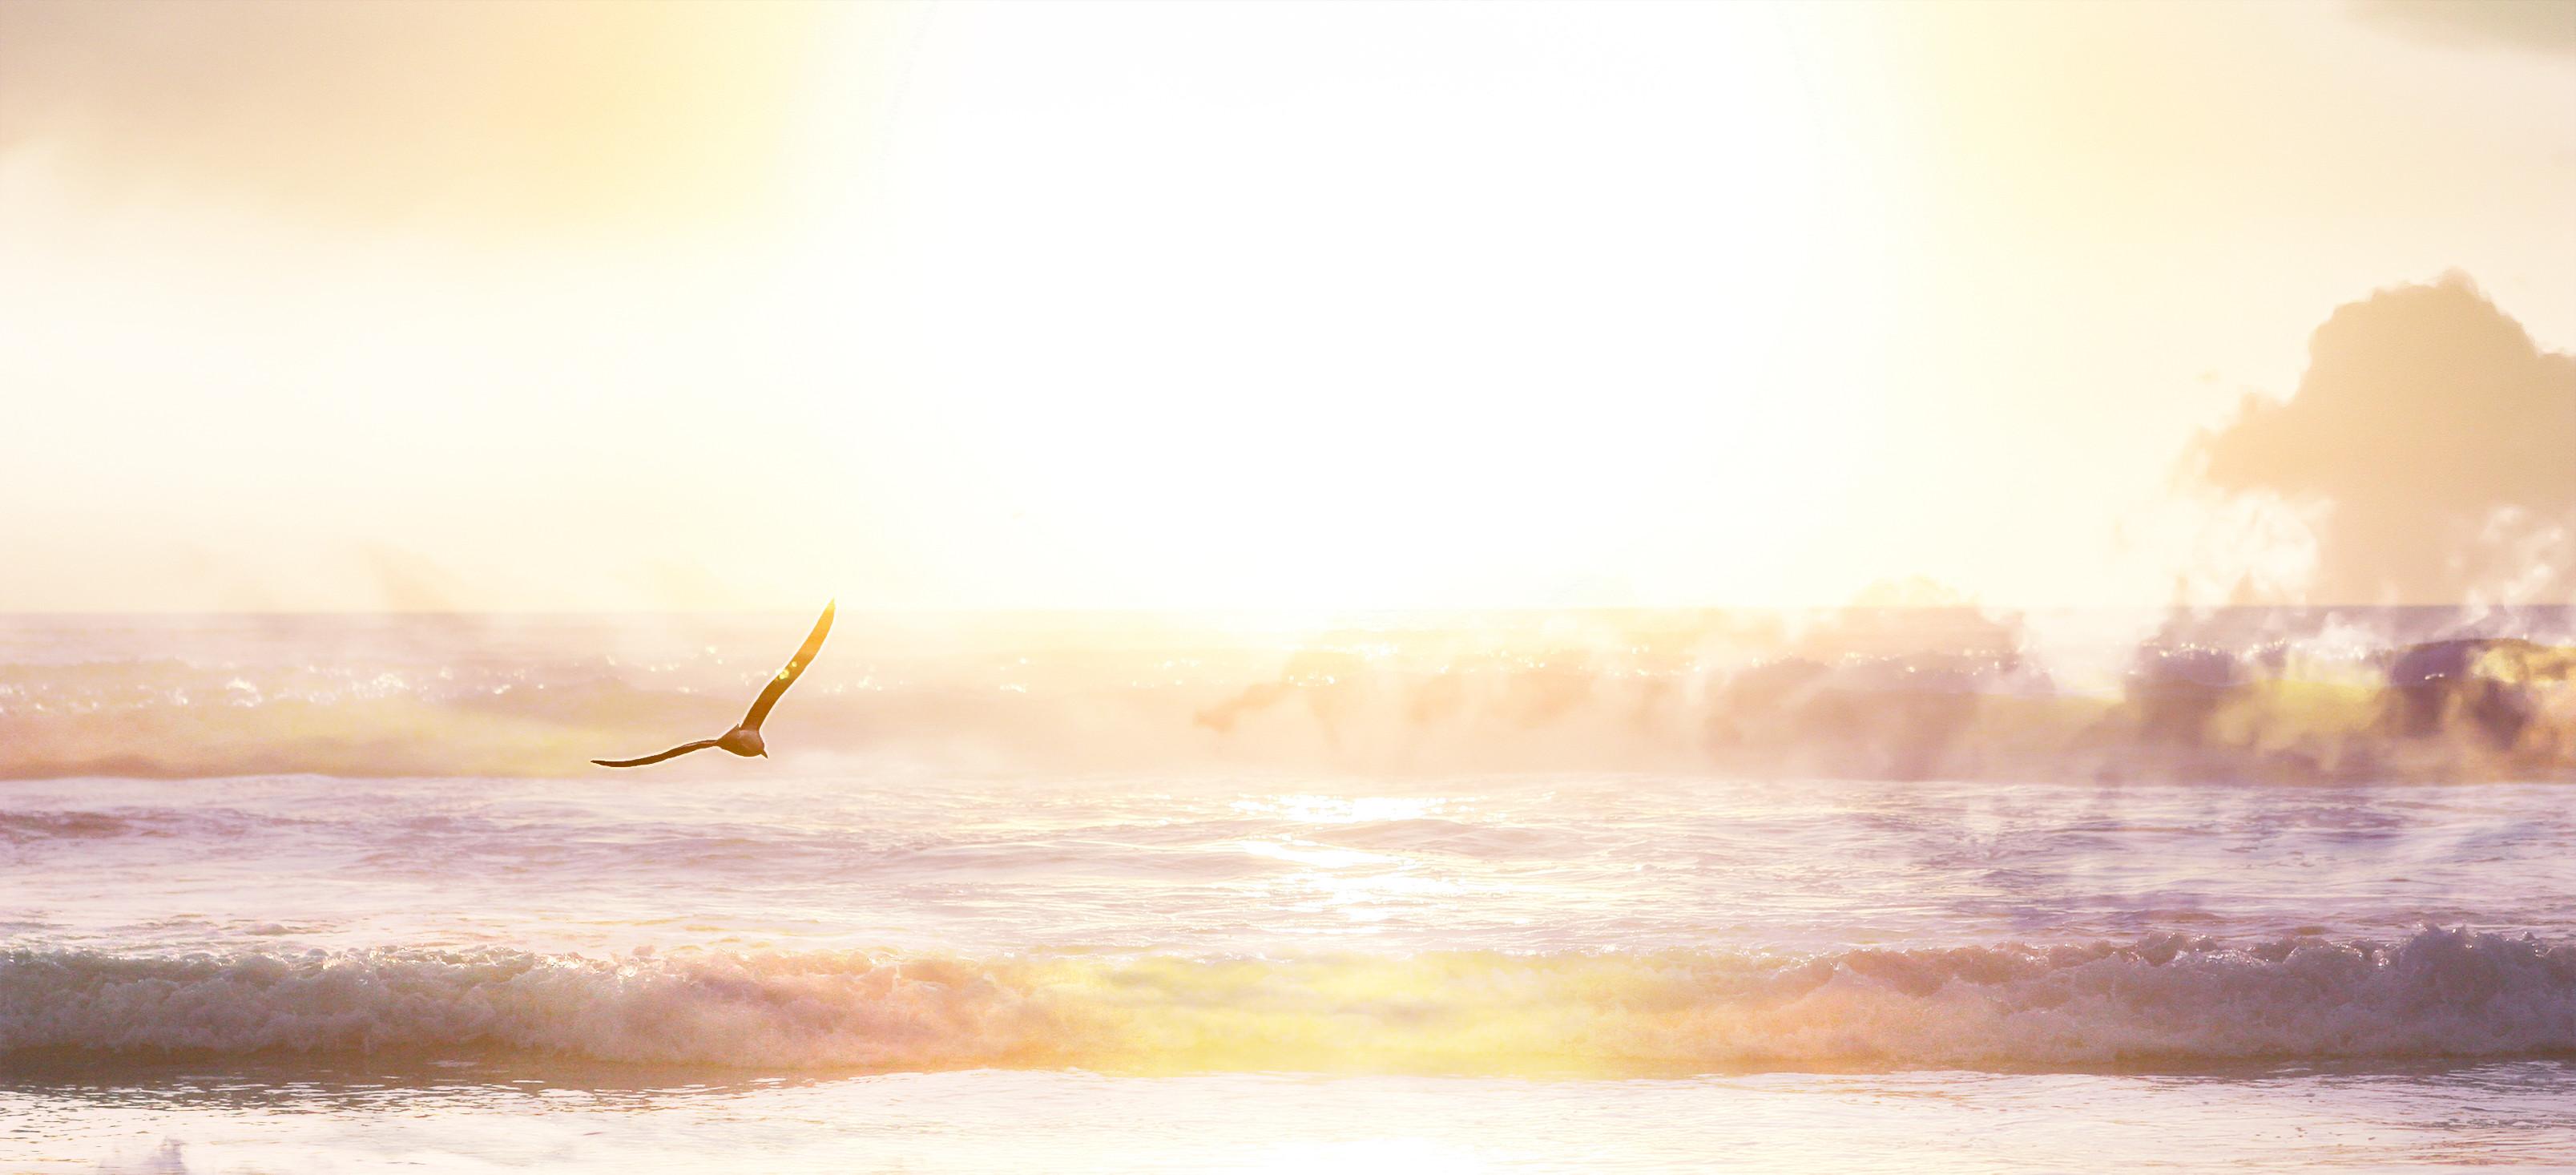 Seelenreise zur geistigen Heimat